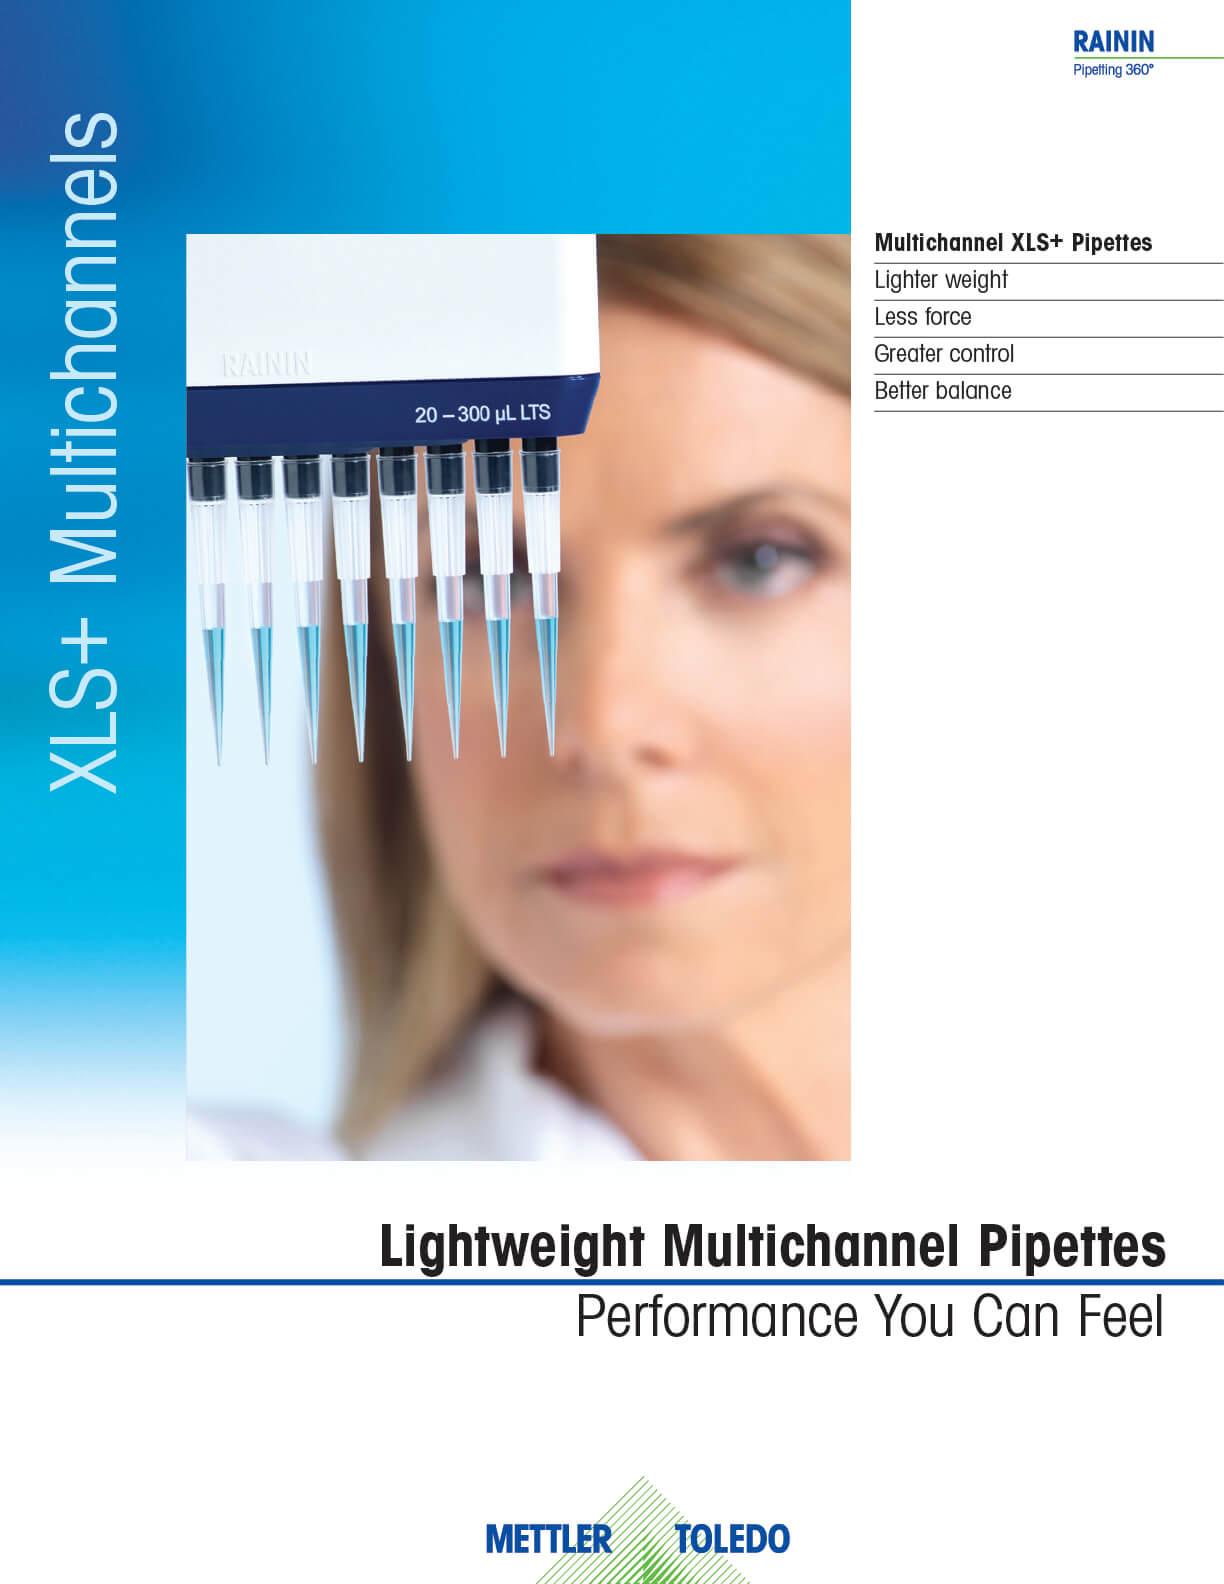 XLS+ Multichannels